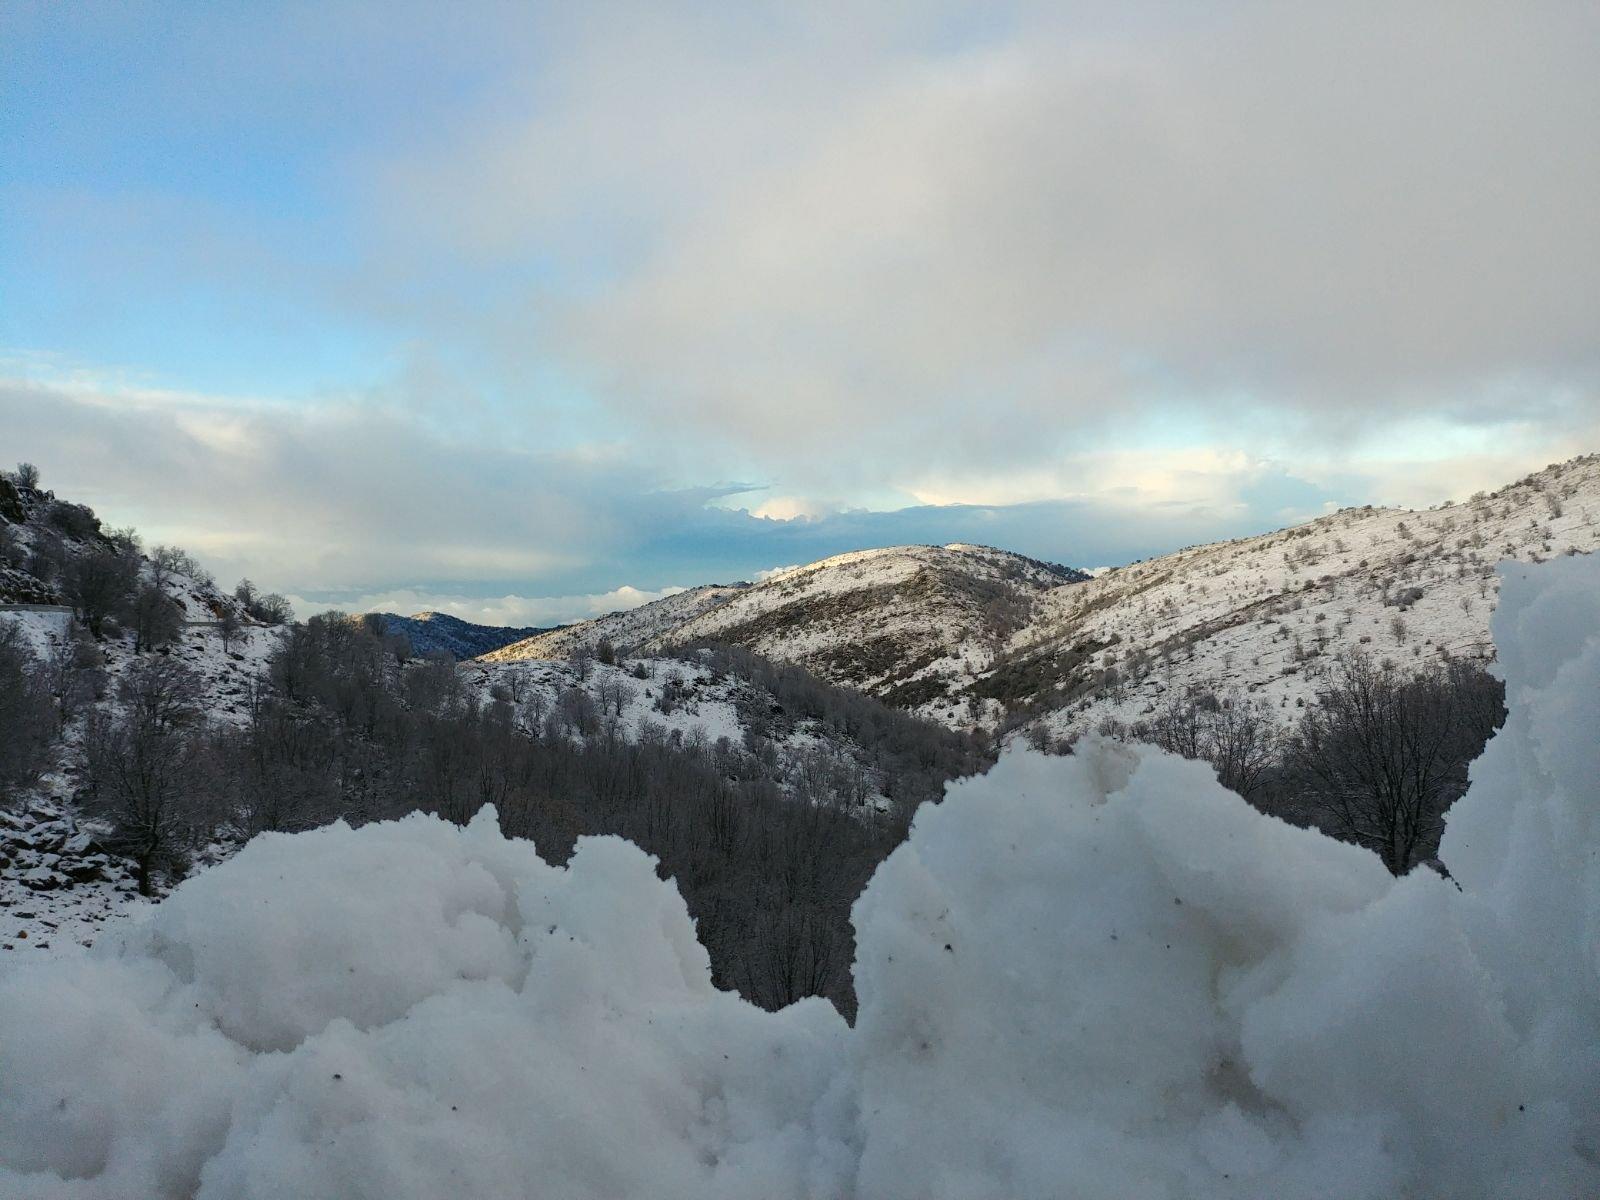 المنخفض الجوي مستمر اليوم .. وتساقط الثلوج بغزارة في جبل الشيخ- شاهدوا الصور